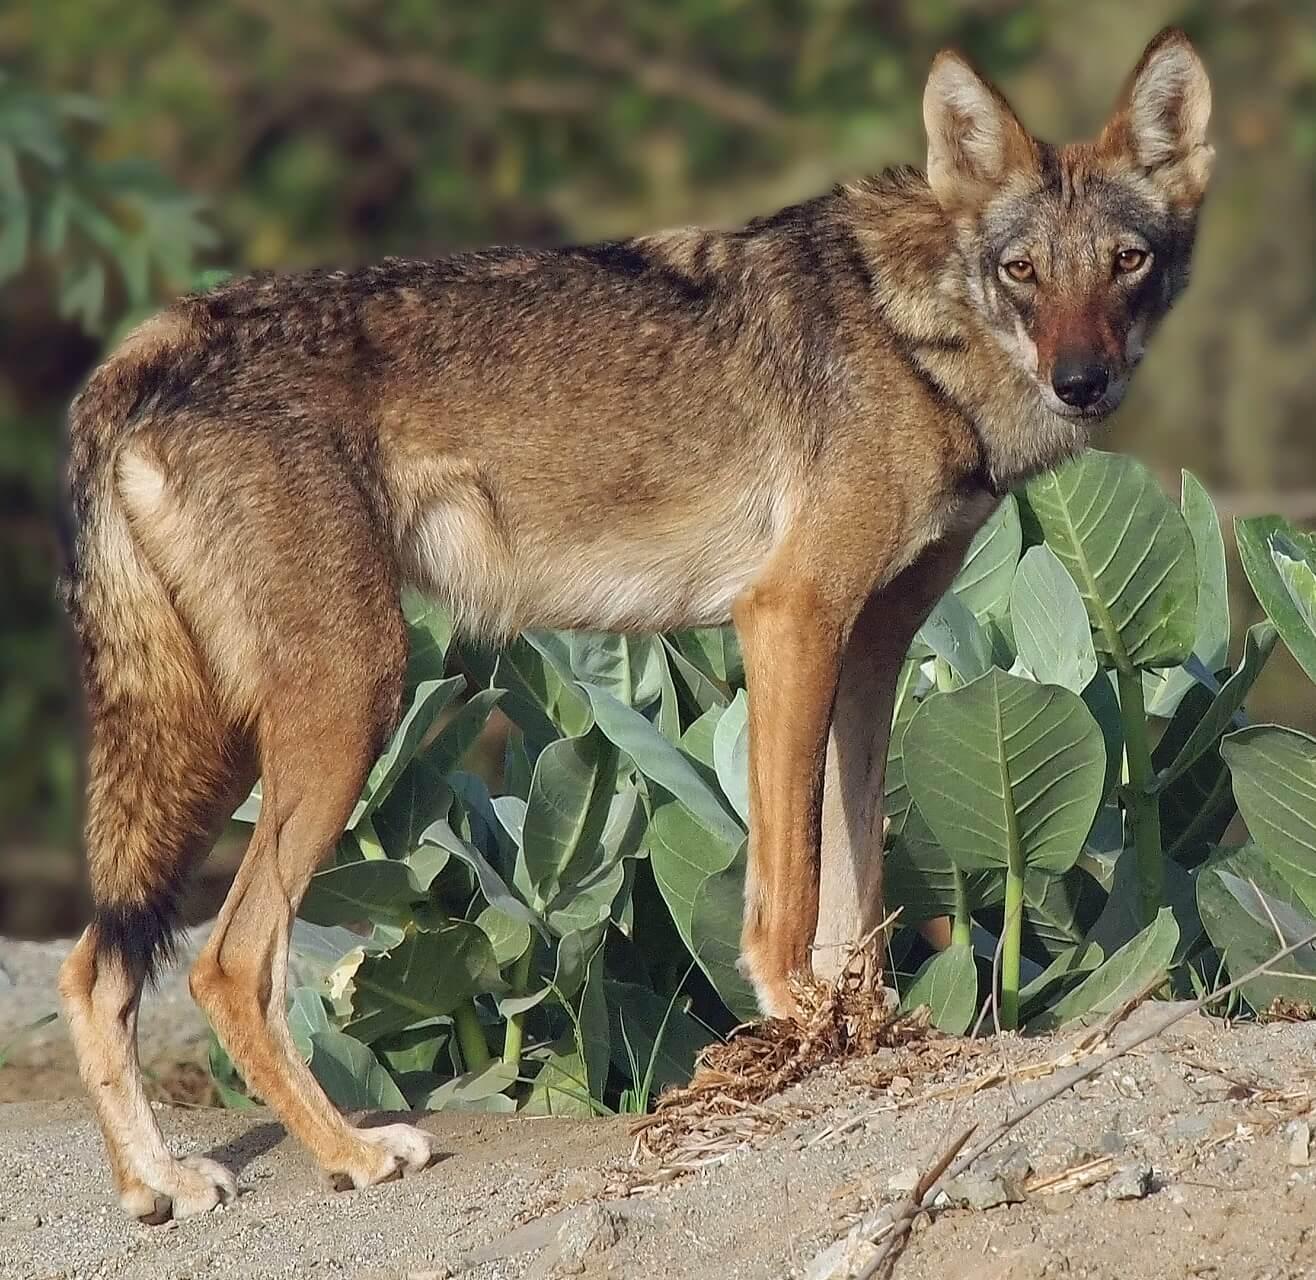 Israelabenteurer Arabische Wolf Israelabenteurer